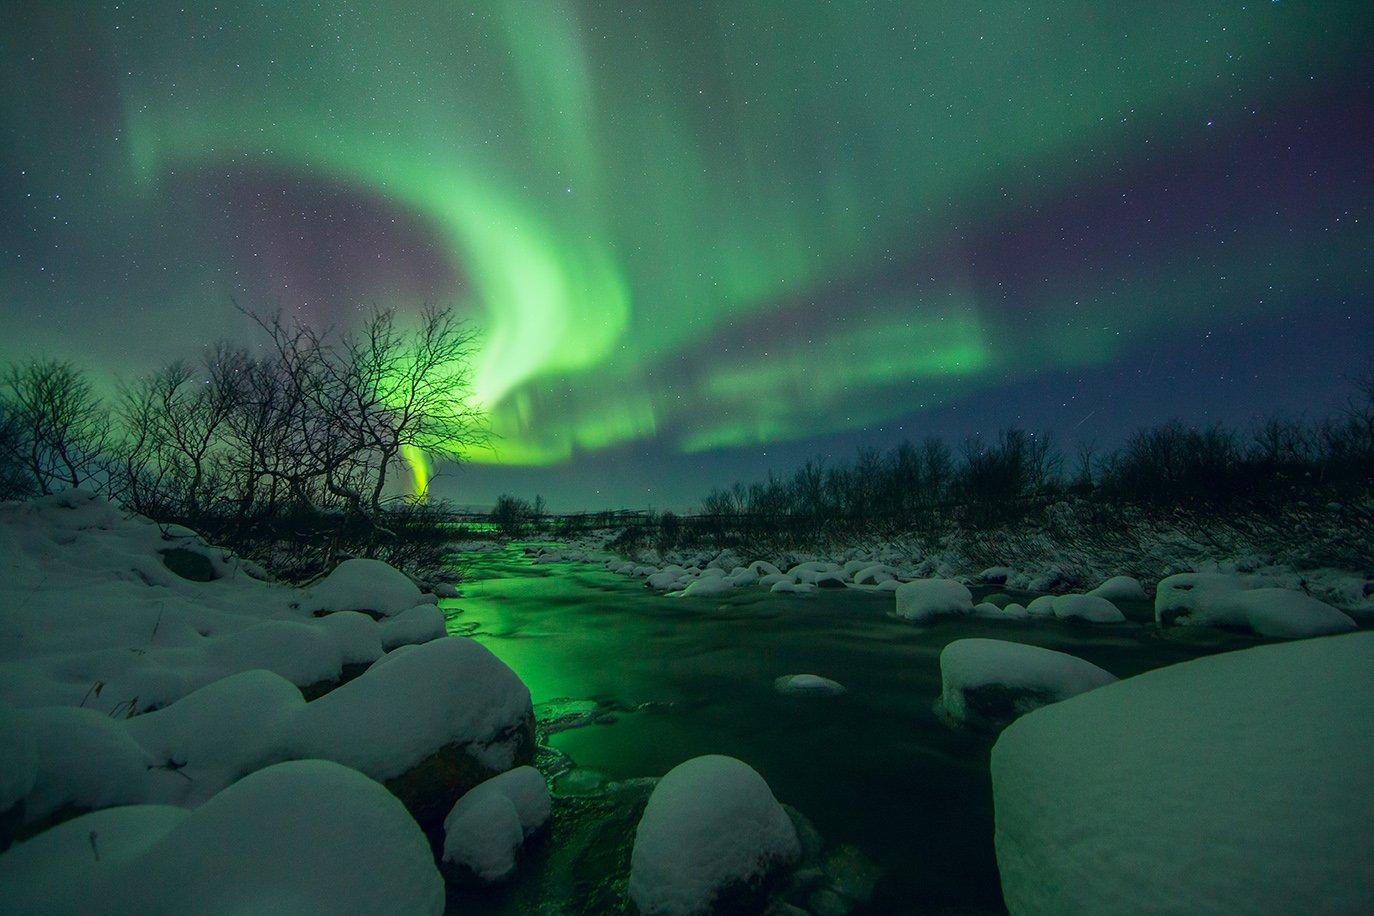 пейзаж, природа, кольский п-ов, полярное сияние, Трифонова Любовь